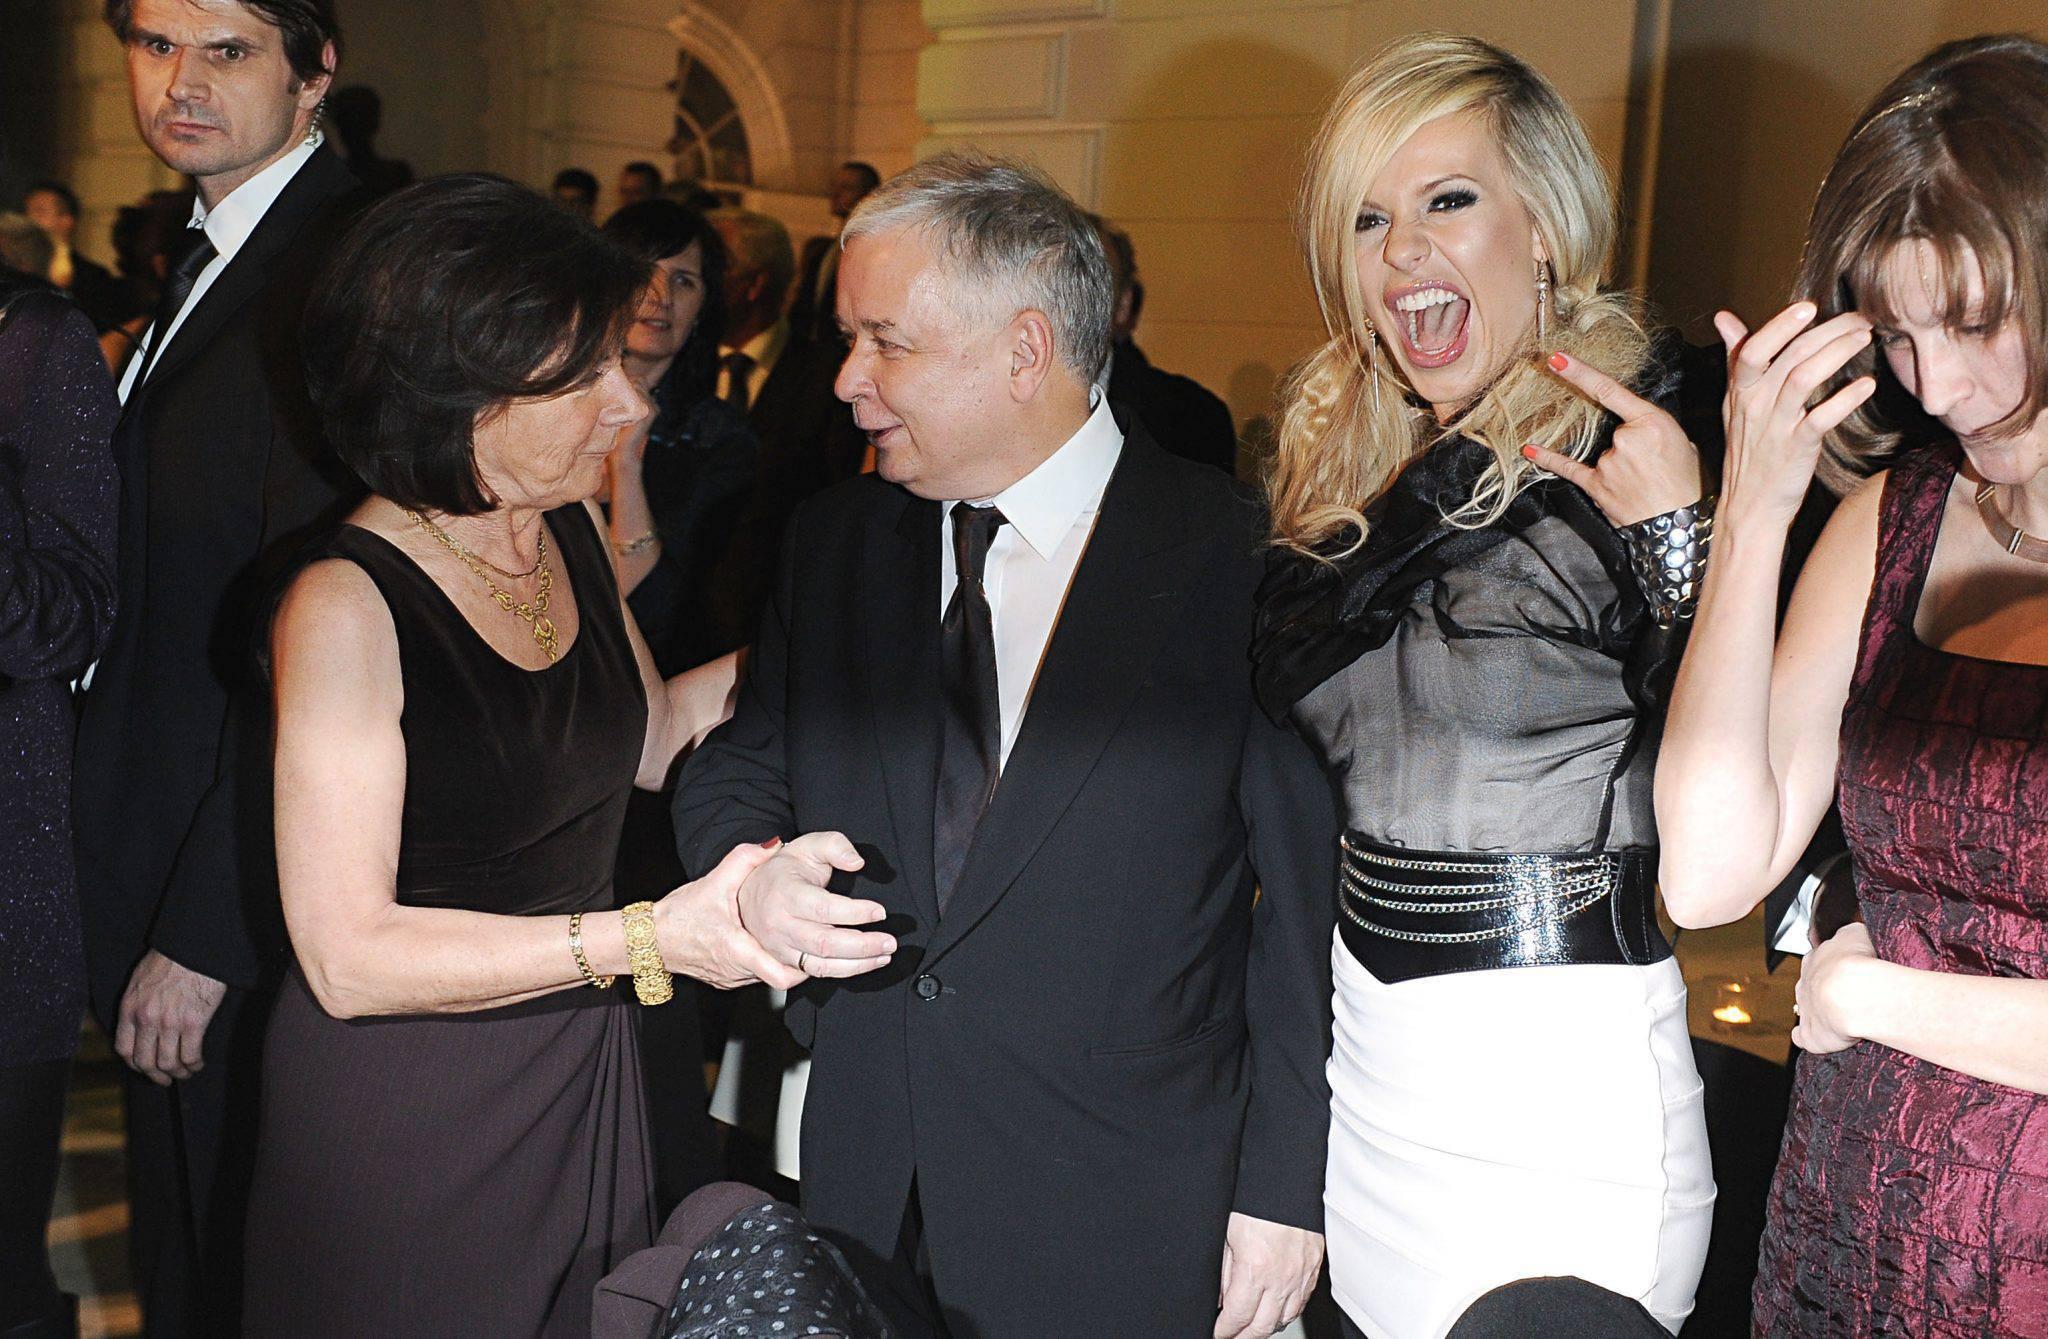 Spotkanie byłego prezydenta Lecha Kaczyńskiego z piosenkarką Dorotą Rabczewską